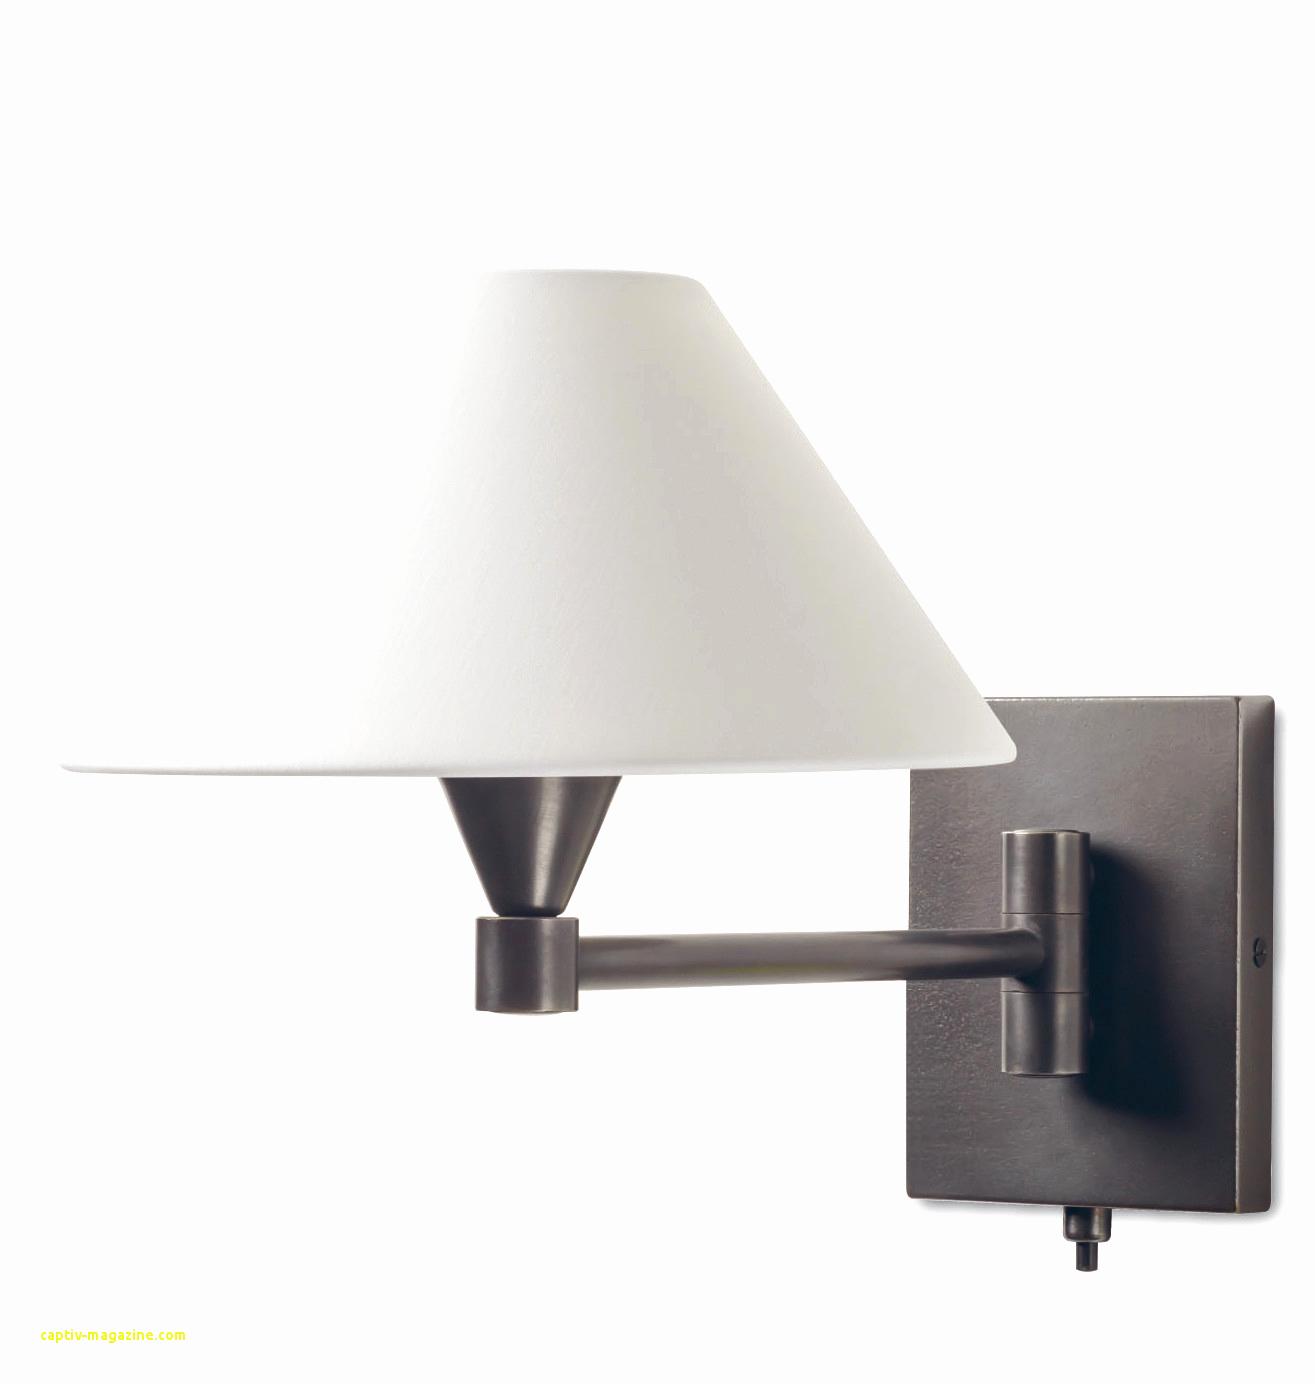 Applique Salle De Bain Ikea Beau Galerie Lampe Murale Ikea élégant Luminaire Mural Ikea élégant Applique